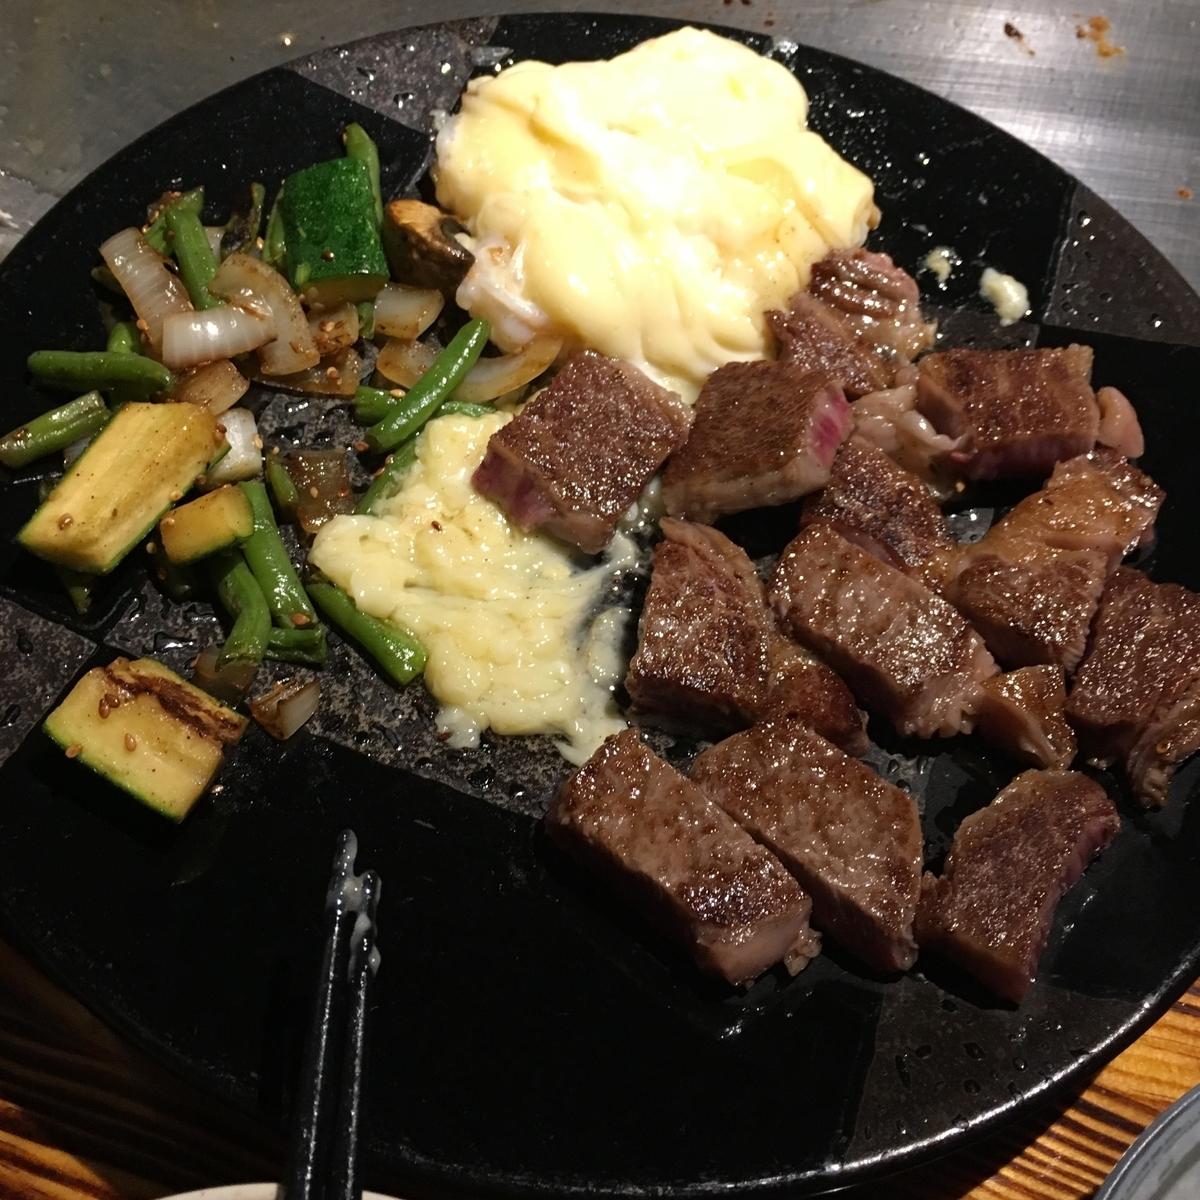 【オークランド グルメ】必ず行っておきたい!ランキング上位にも必ず挙がる3つのレストラン DAIKOKU Restaurant 大黒 メインの和牛をマヨネーズでいただきます!